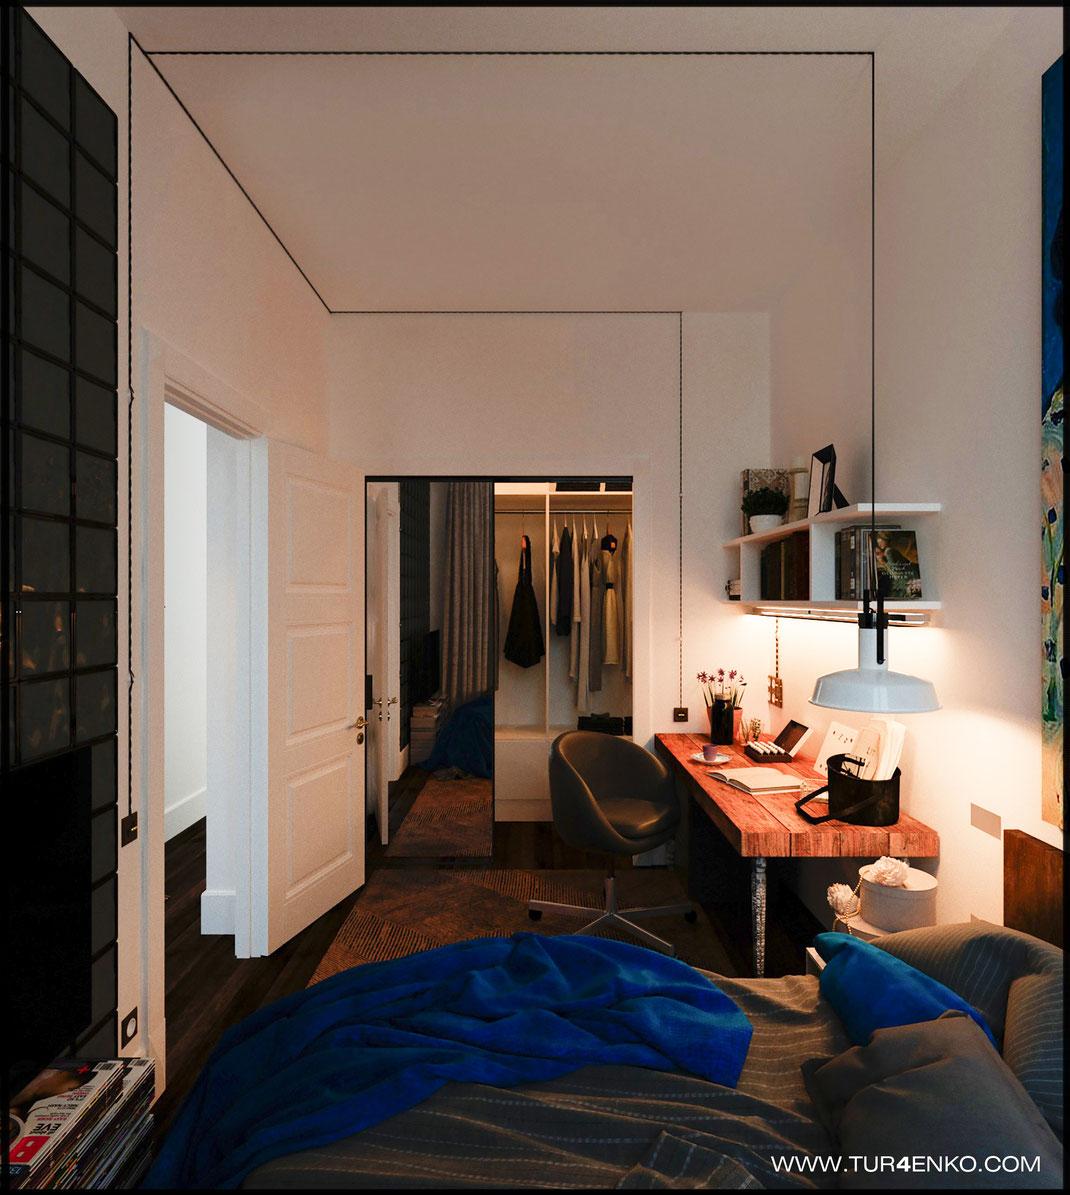 7 дизайн квартир Москва 89163172980 www.tur4enko.com